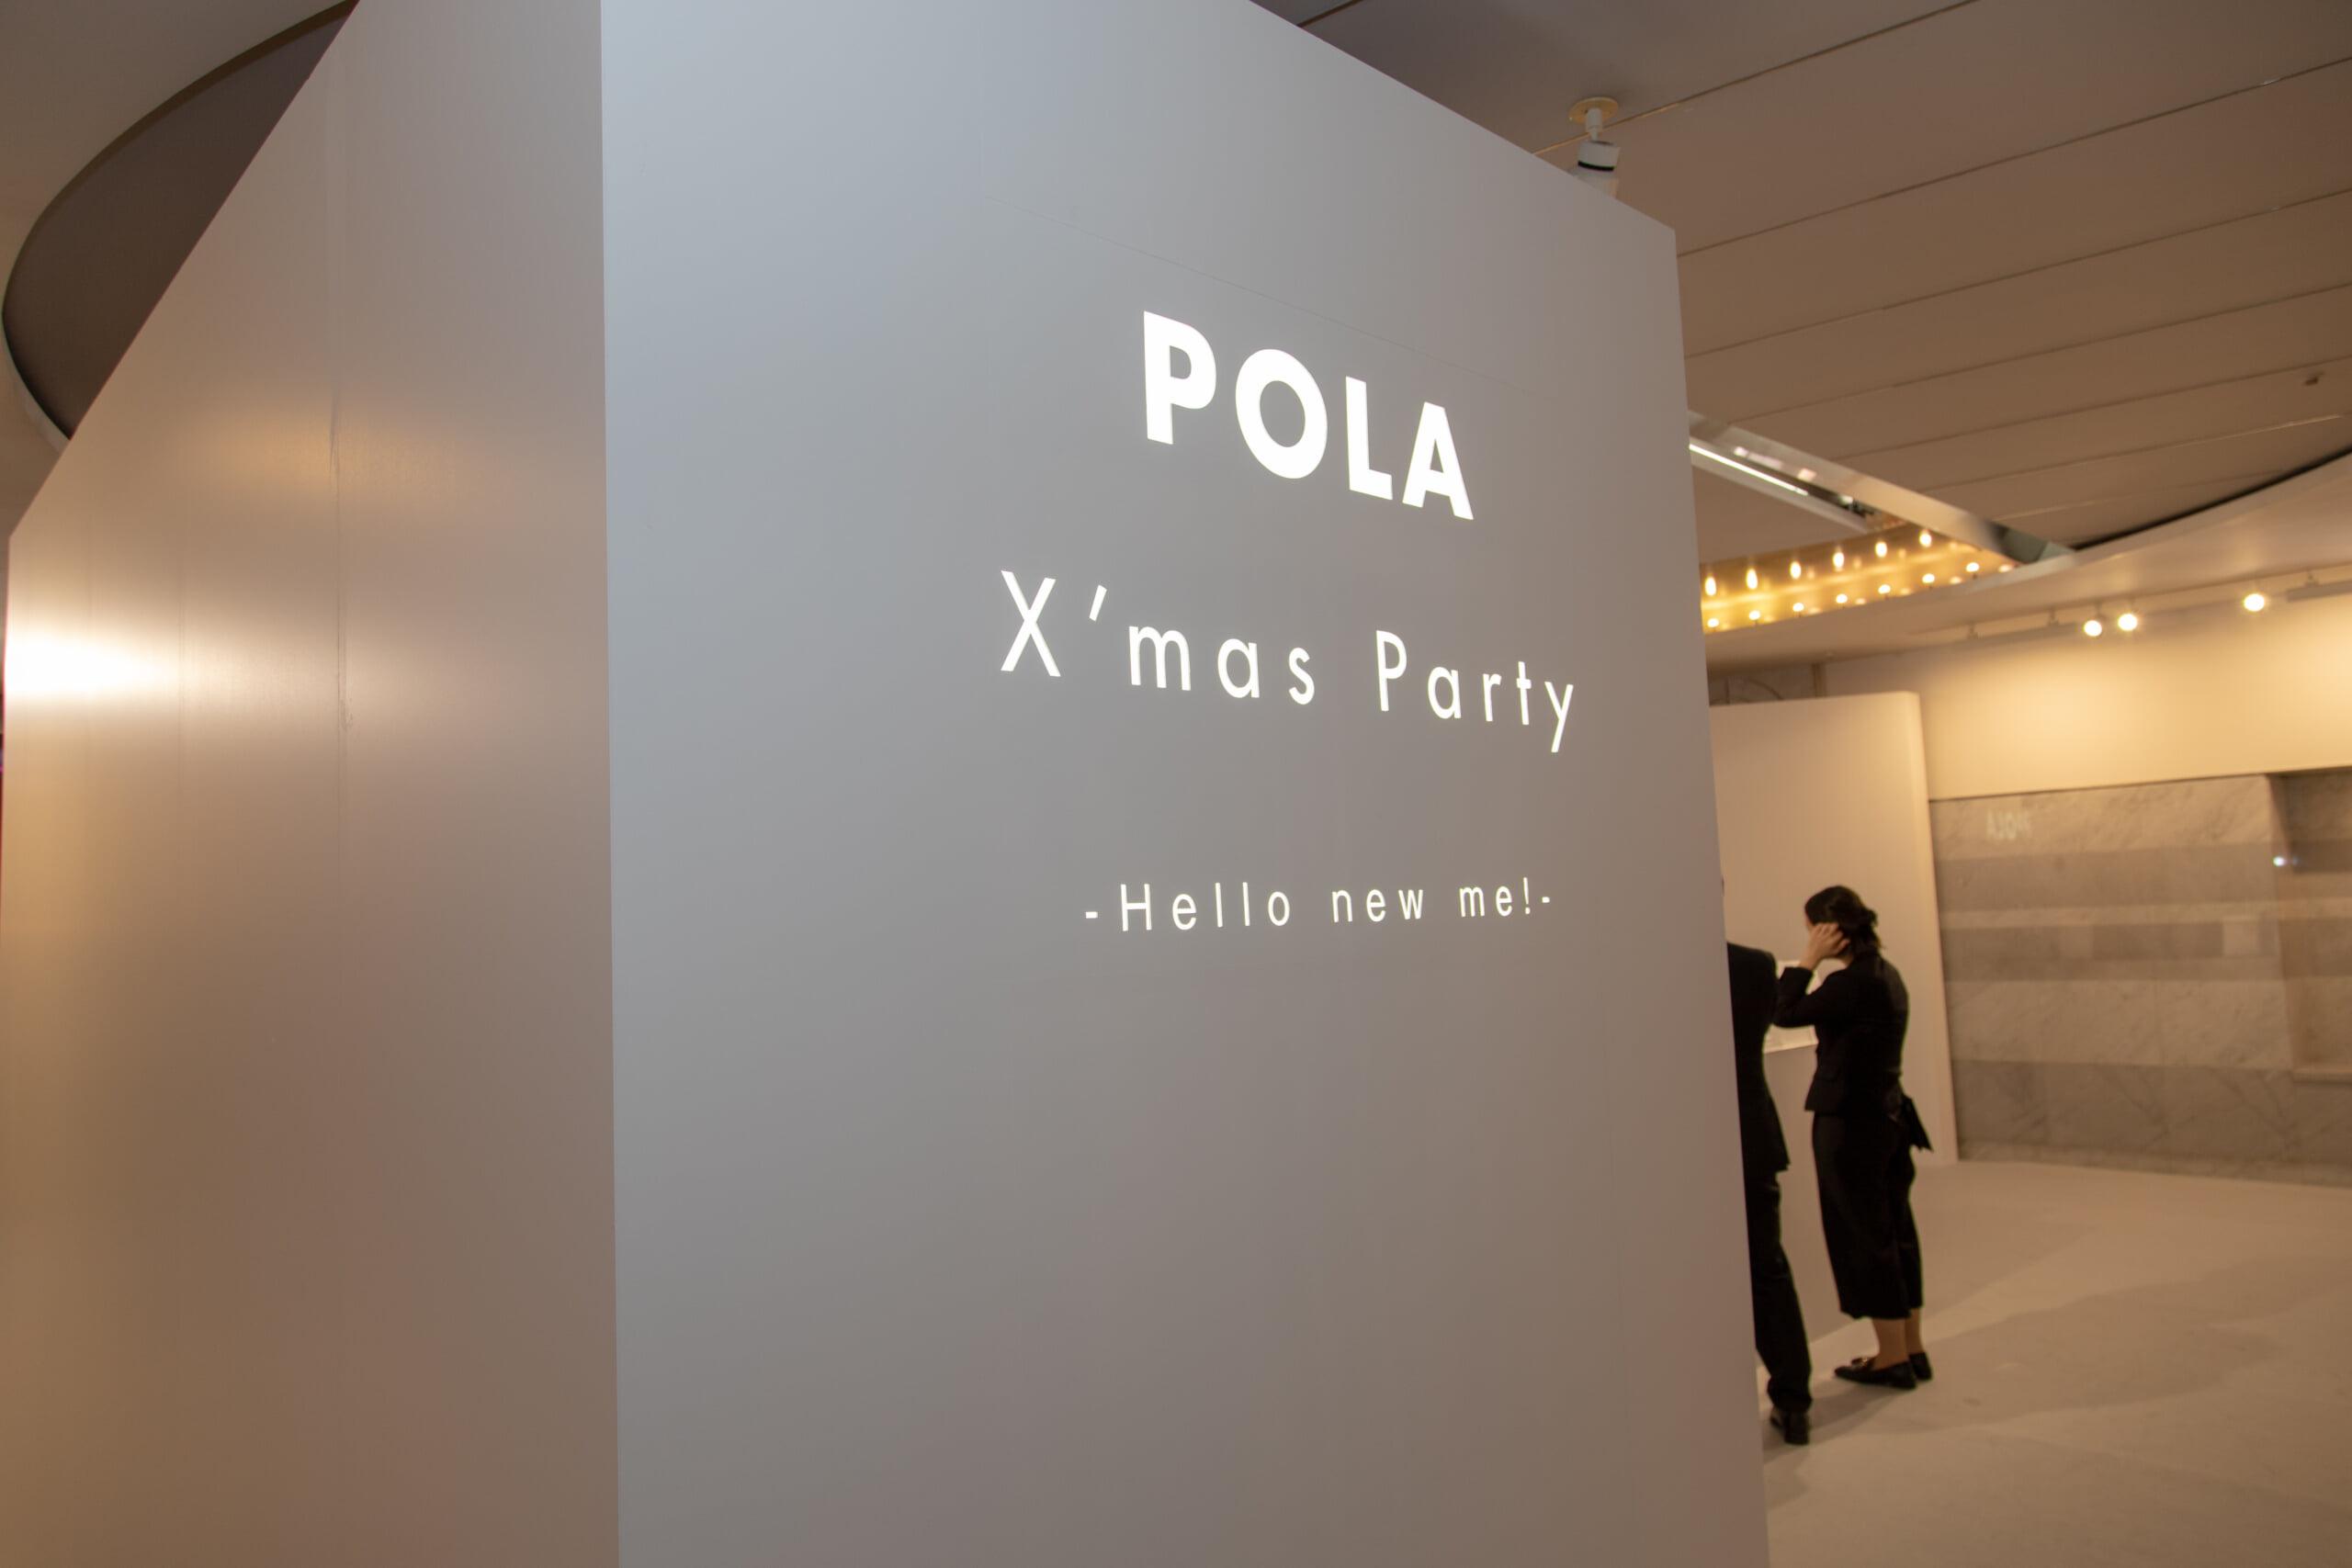 【95%以上のブランド継続利用意向を獲得】1か月に及ぶPOLAの体感イベント